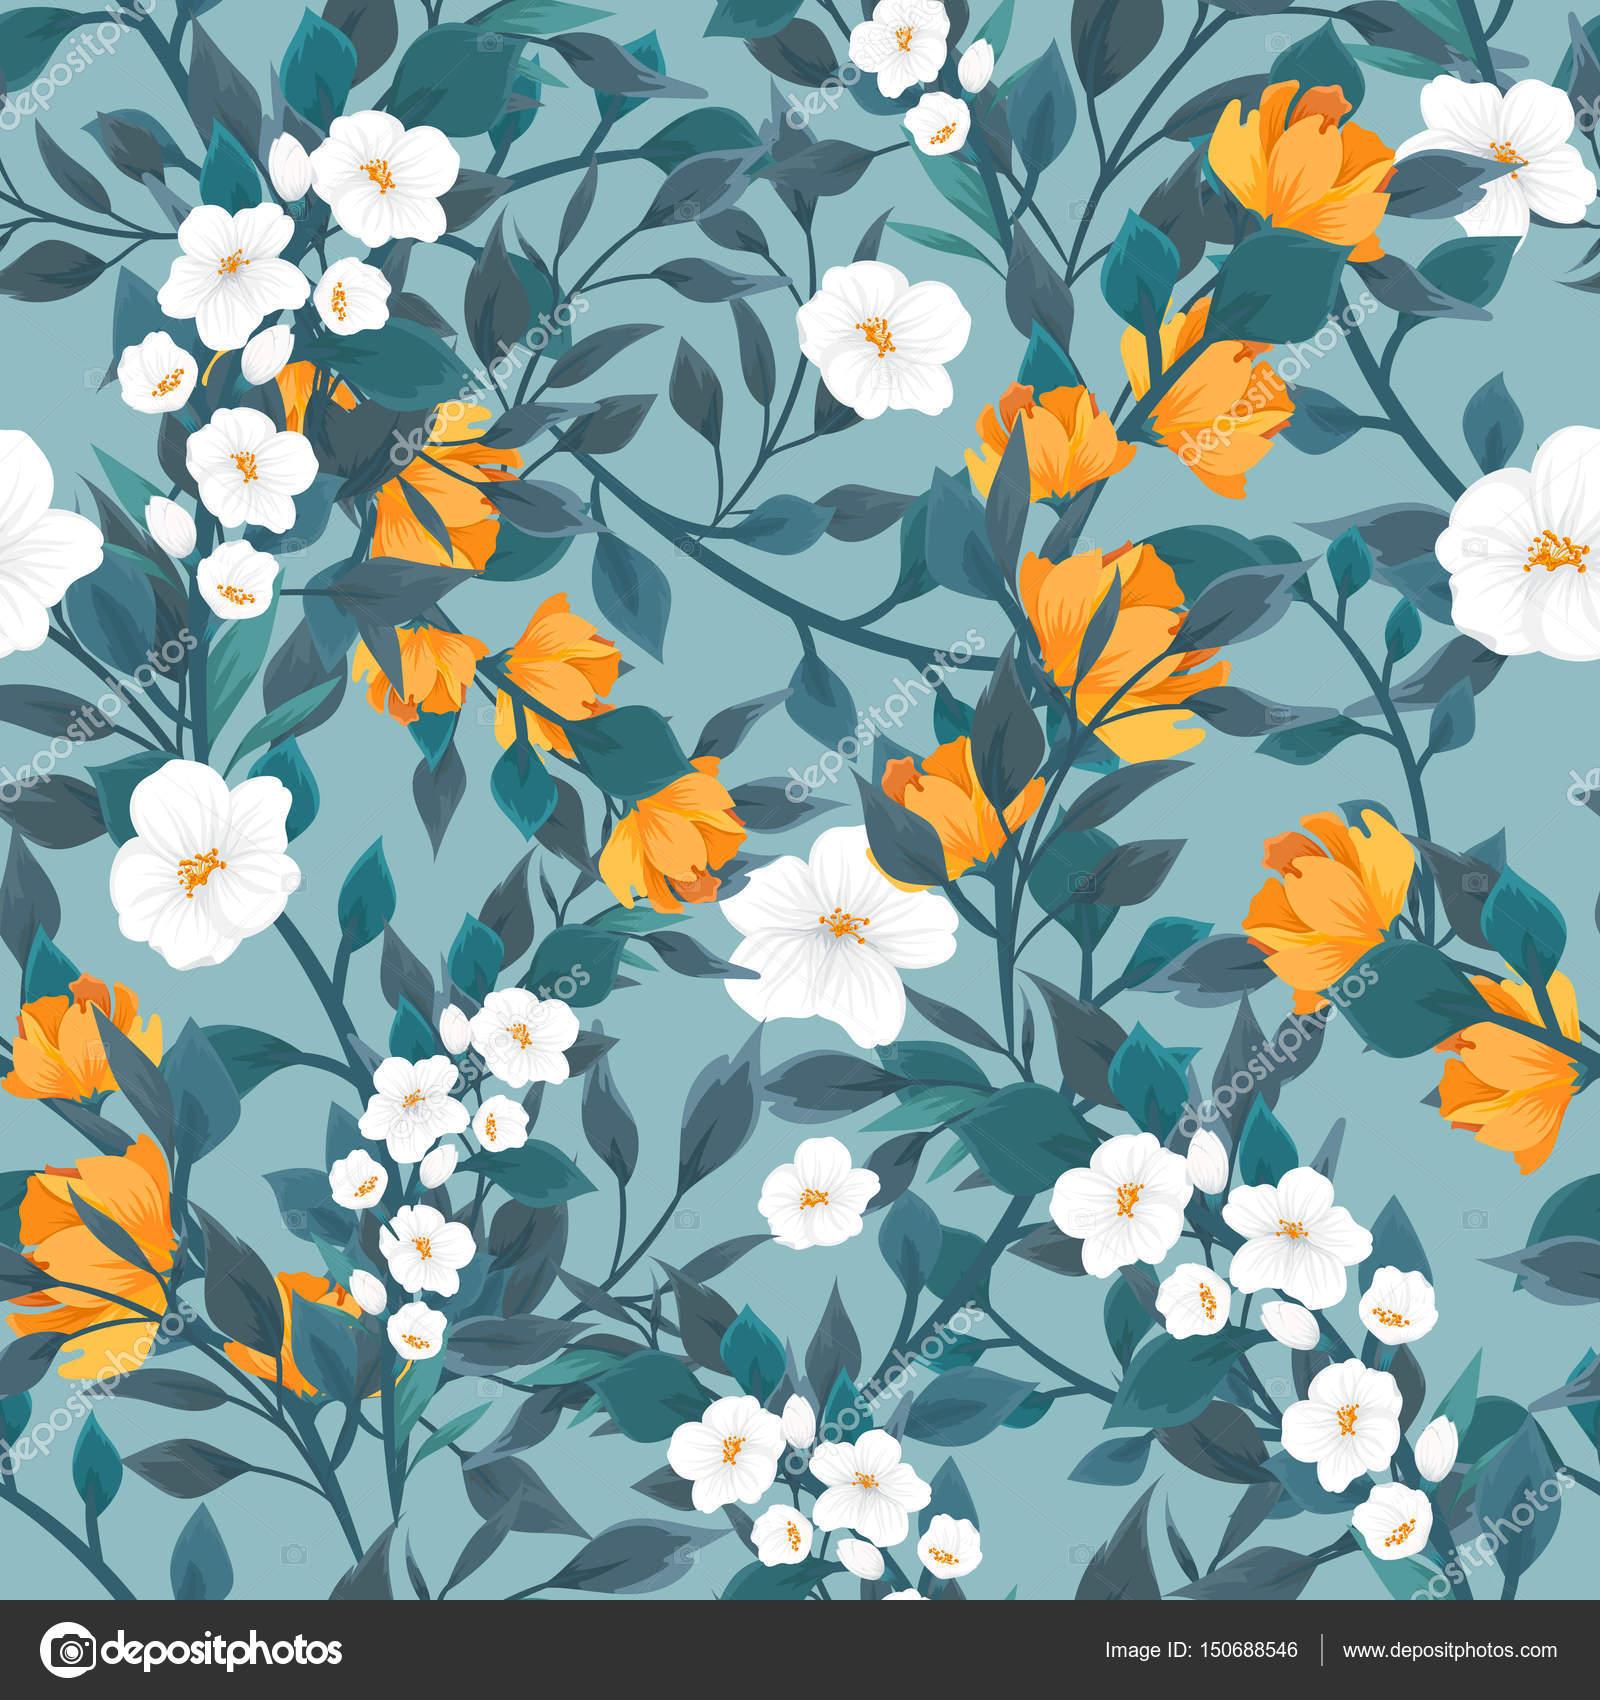 Nahtlose Muster mit floralen Motiven. Muster mit Blumen von Apfel ...